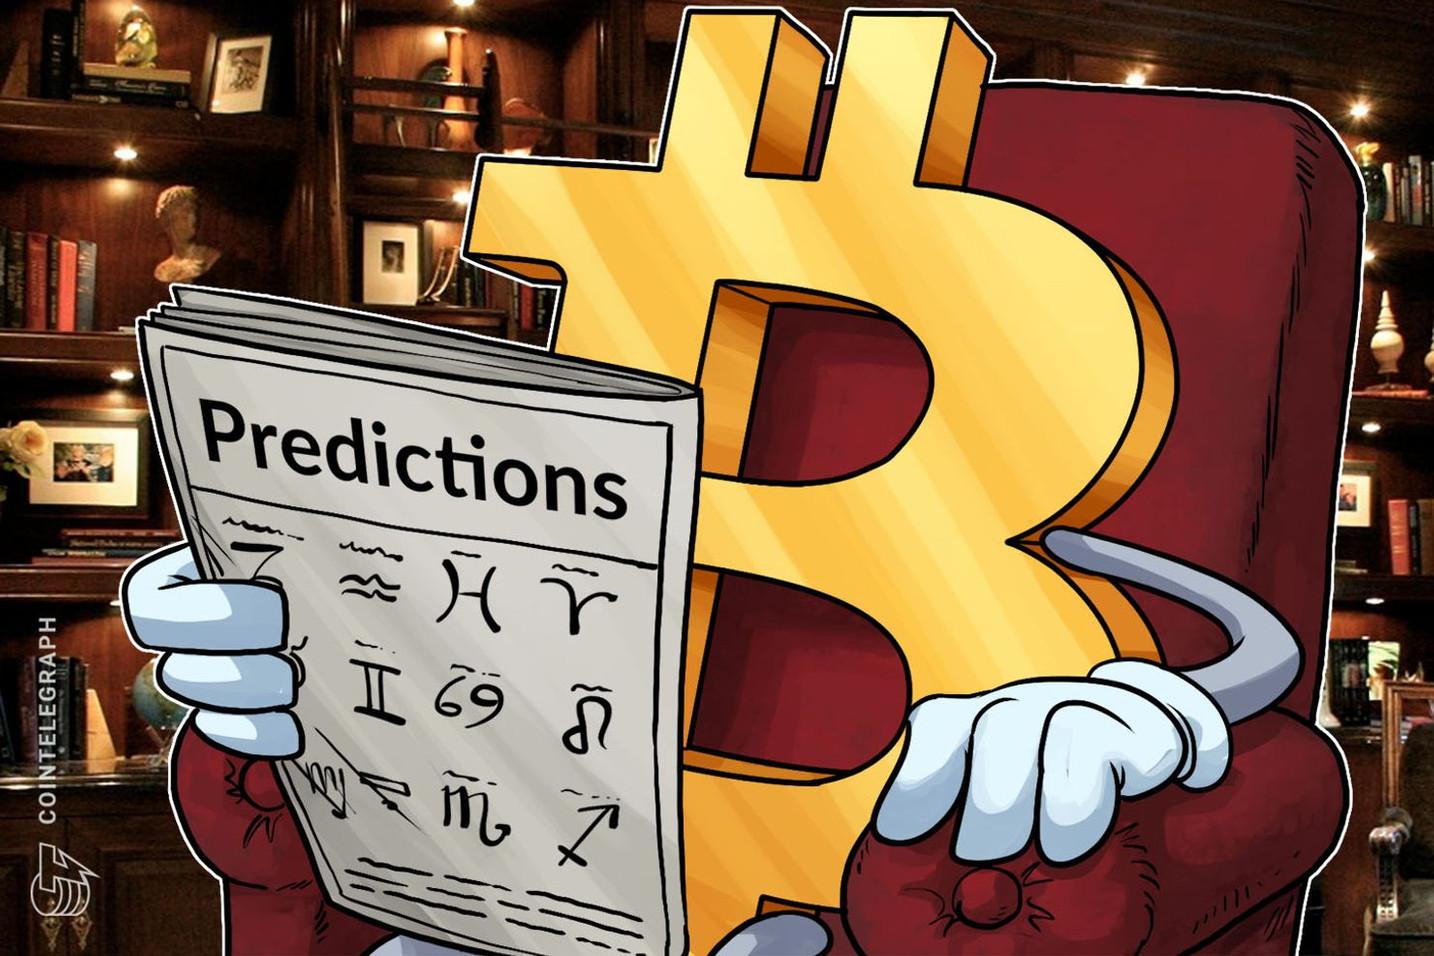 8000ドル下回った仮想通貨ビットコイン、「今回のデスクロスは心配なし」